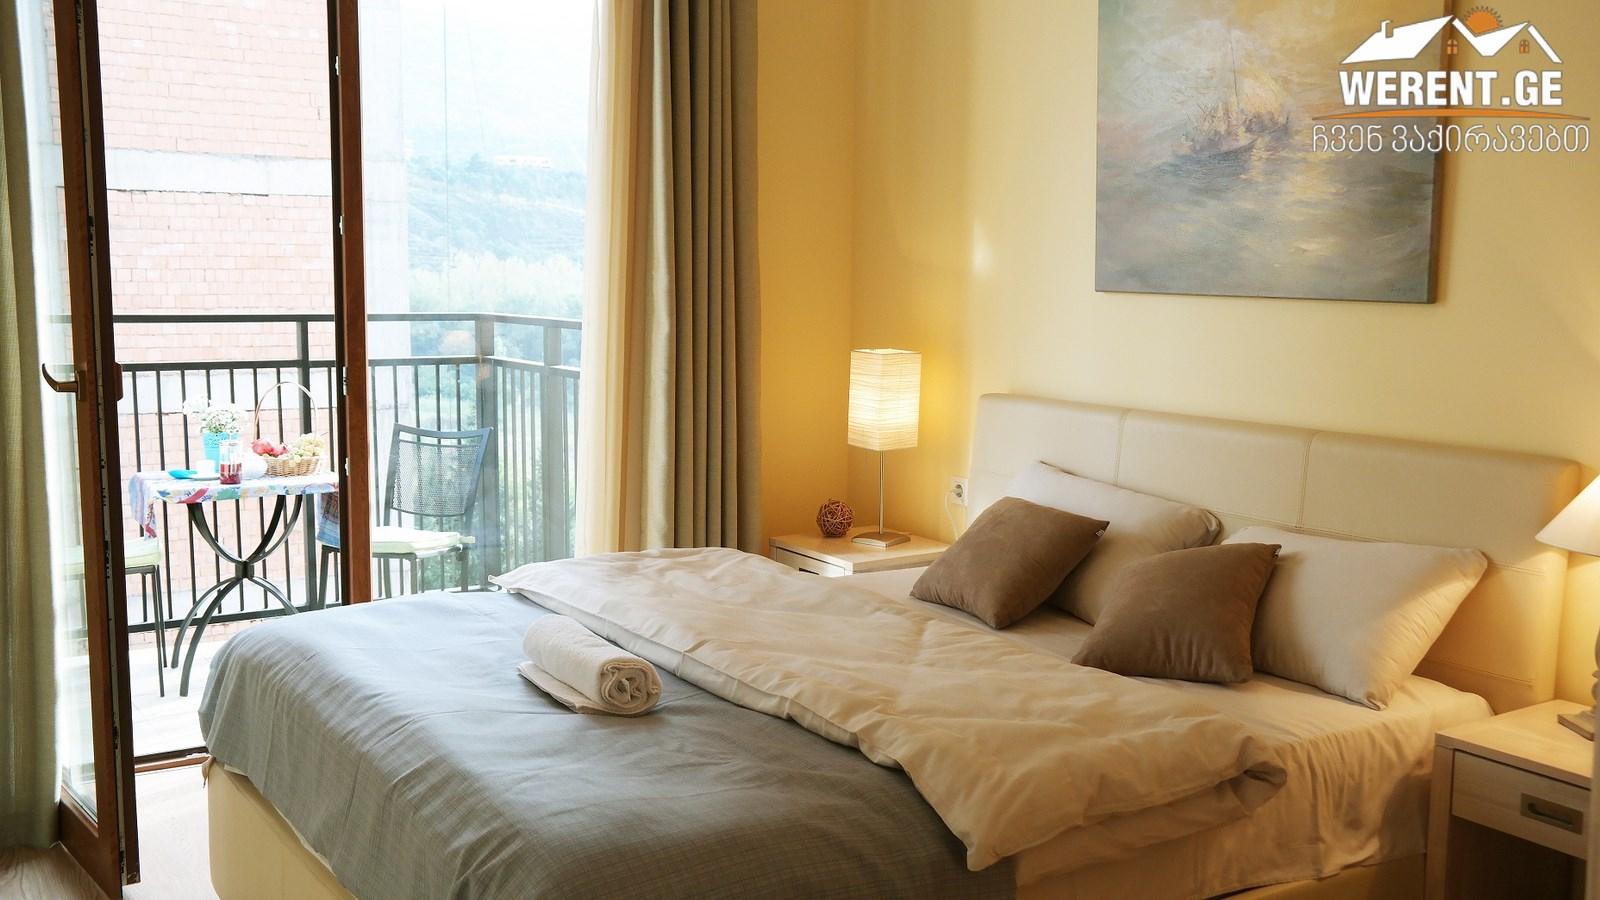 Cдается 2-комнатная квартира в Тбилиси в «m2 у Иподрома»